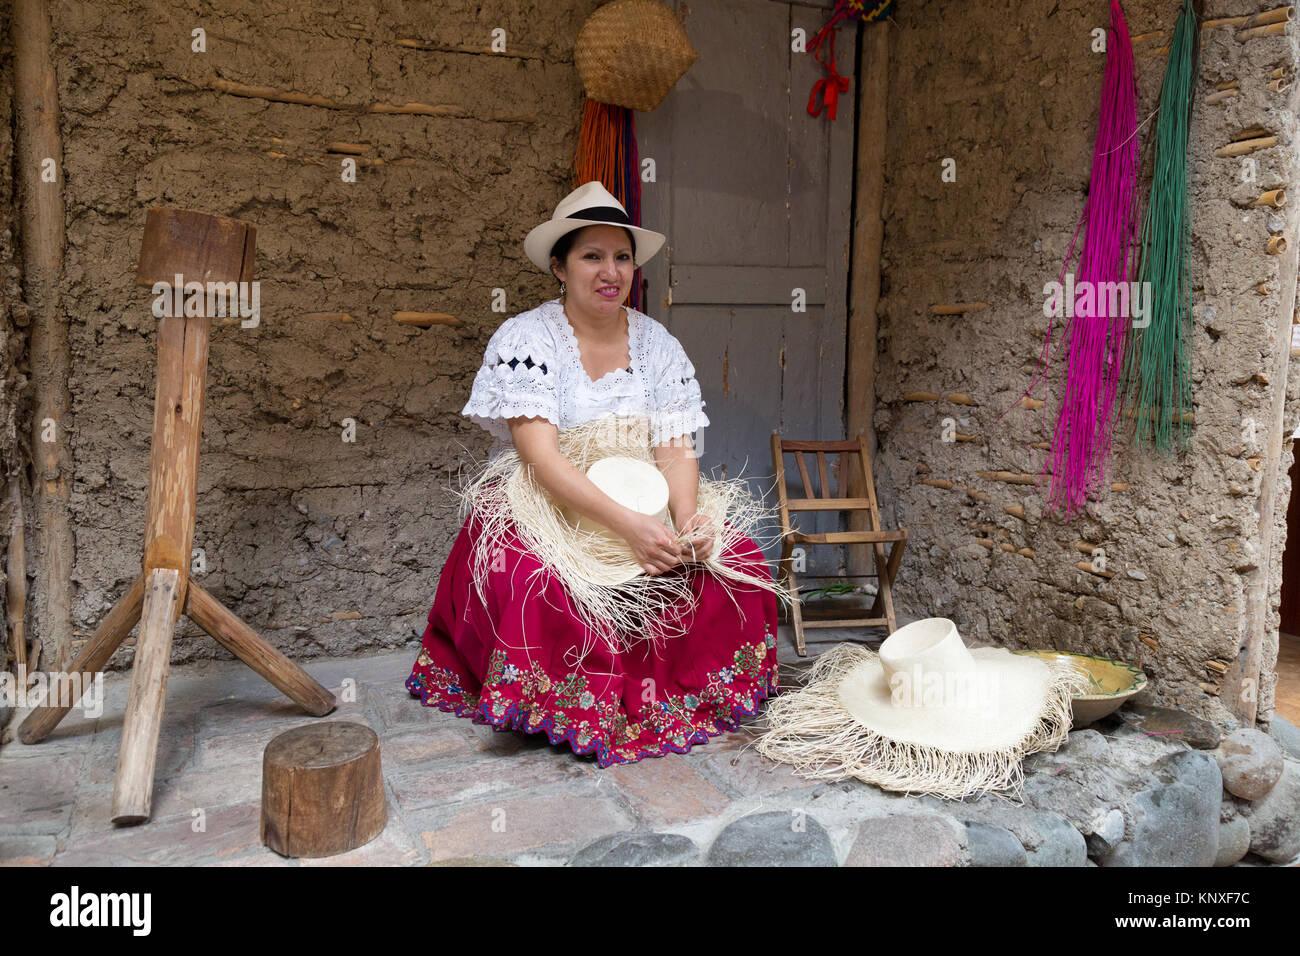 Panama cappelli - Cuenca Ecuador - Una donna ecuadoriana dimostrando la  tessitura tradizionale di un cappello 36bc16d63e03